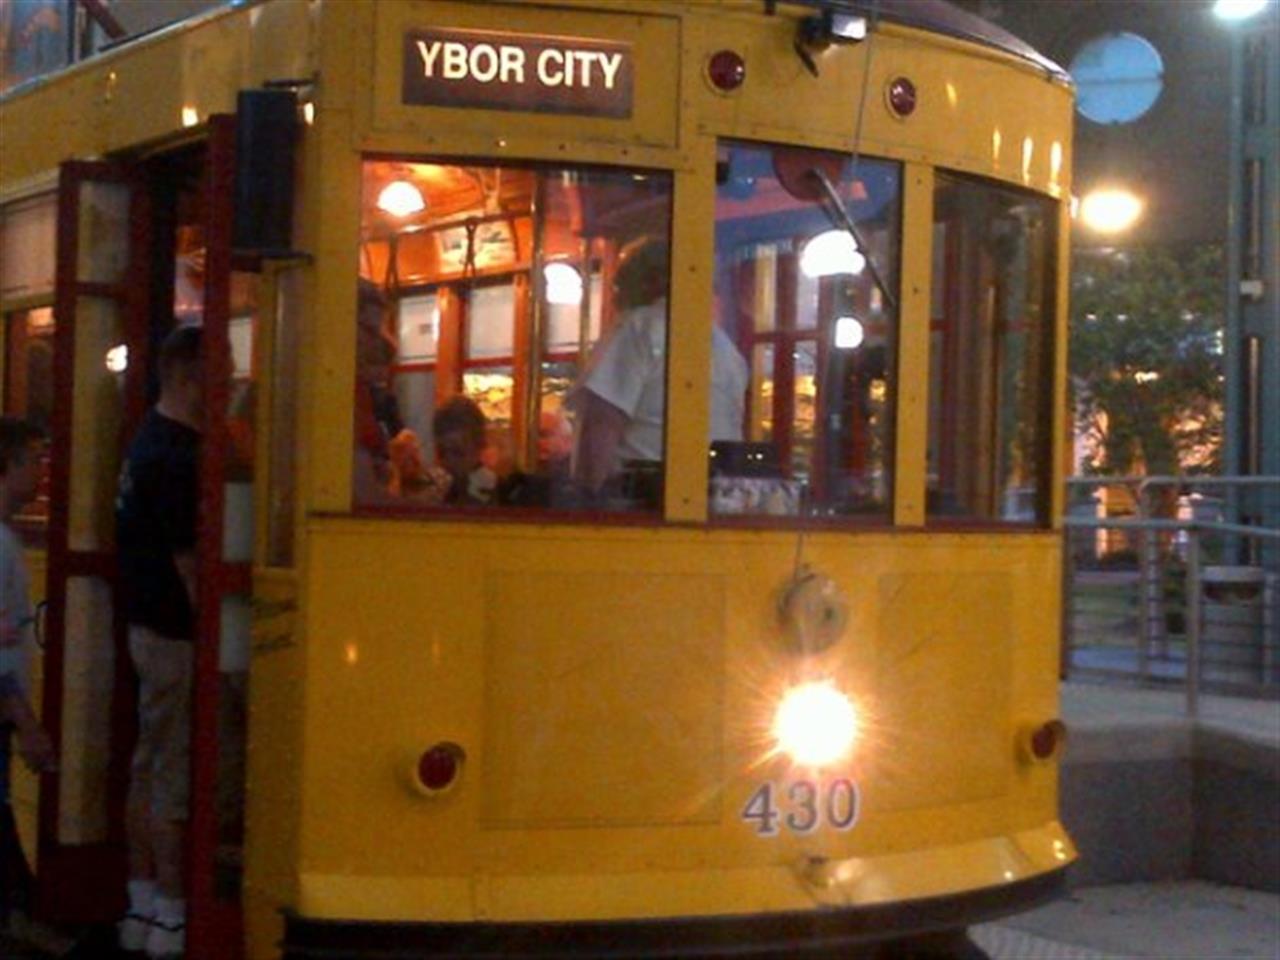 Trolley to Ybor City, Tampa, FL